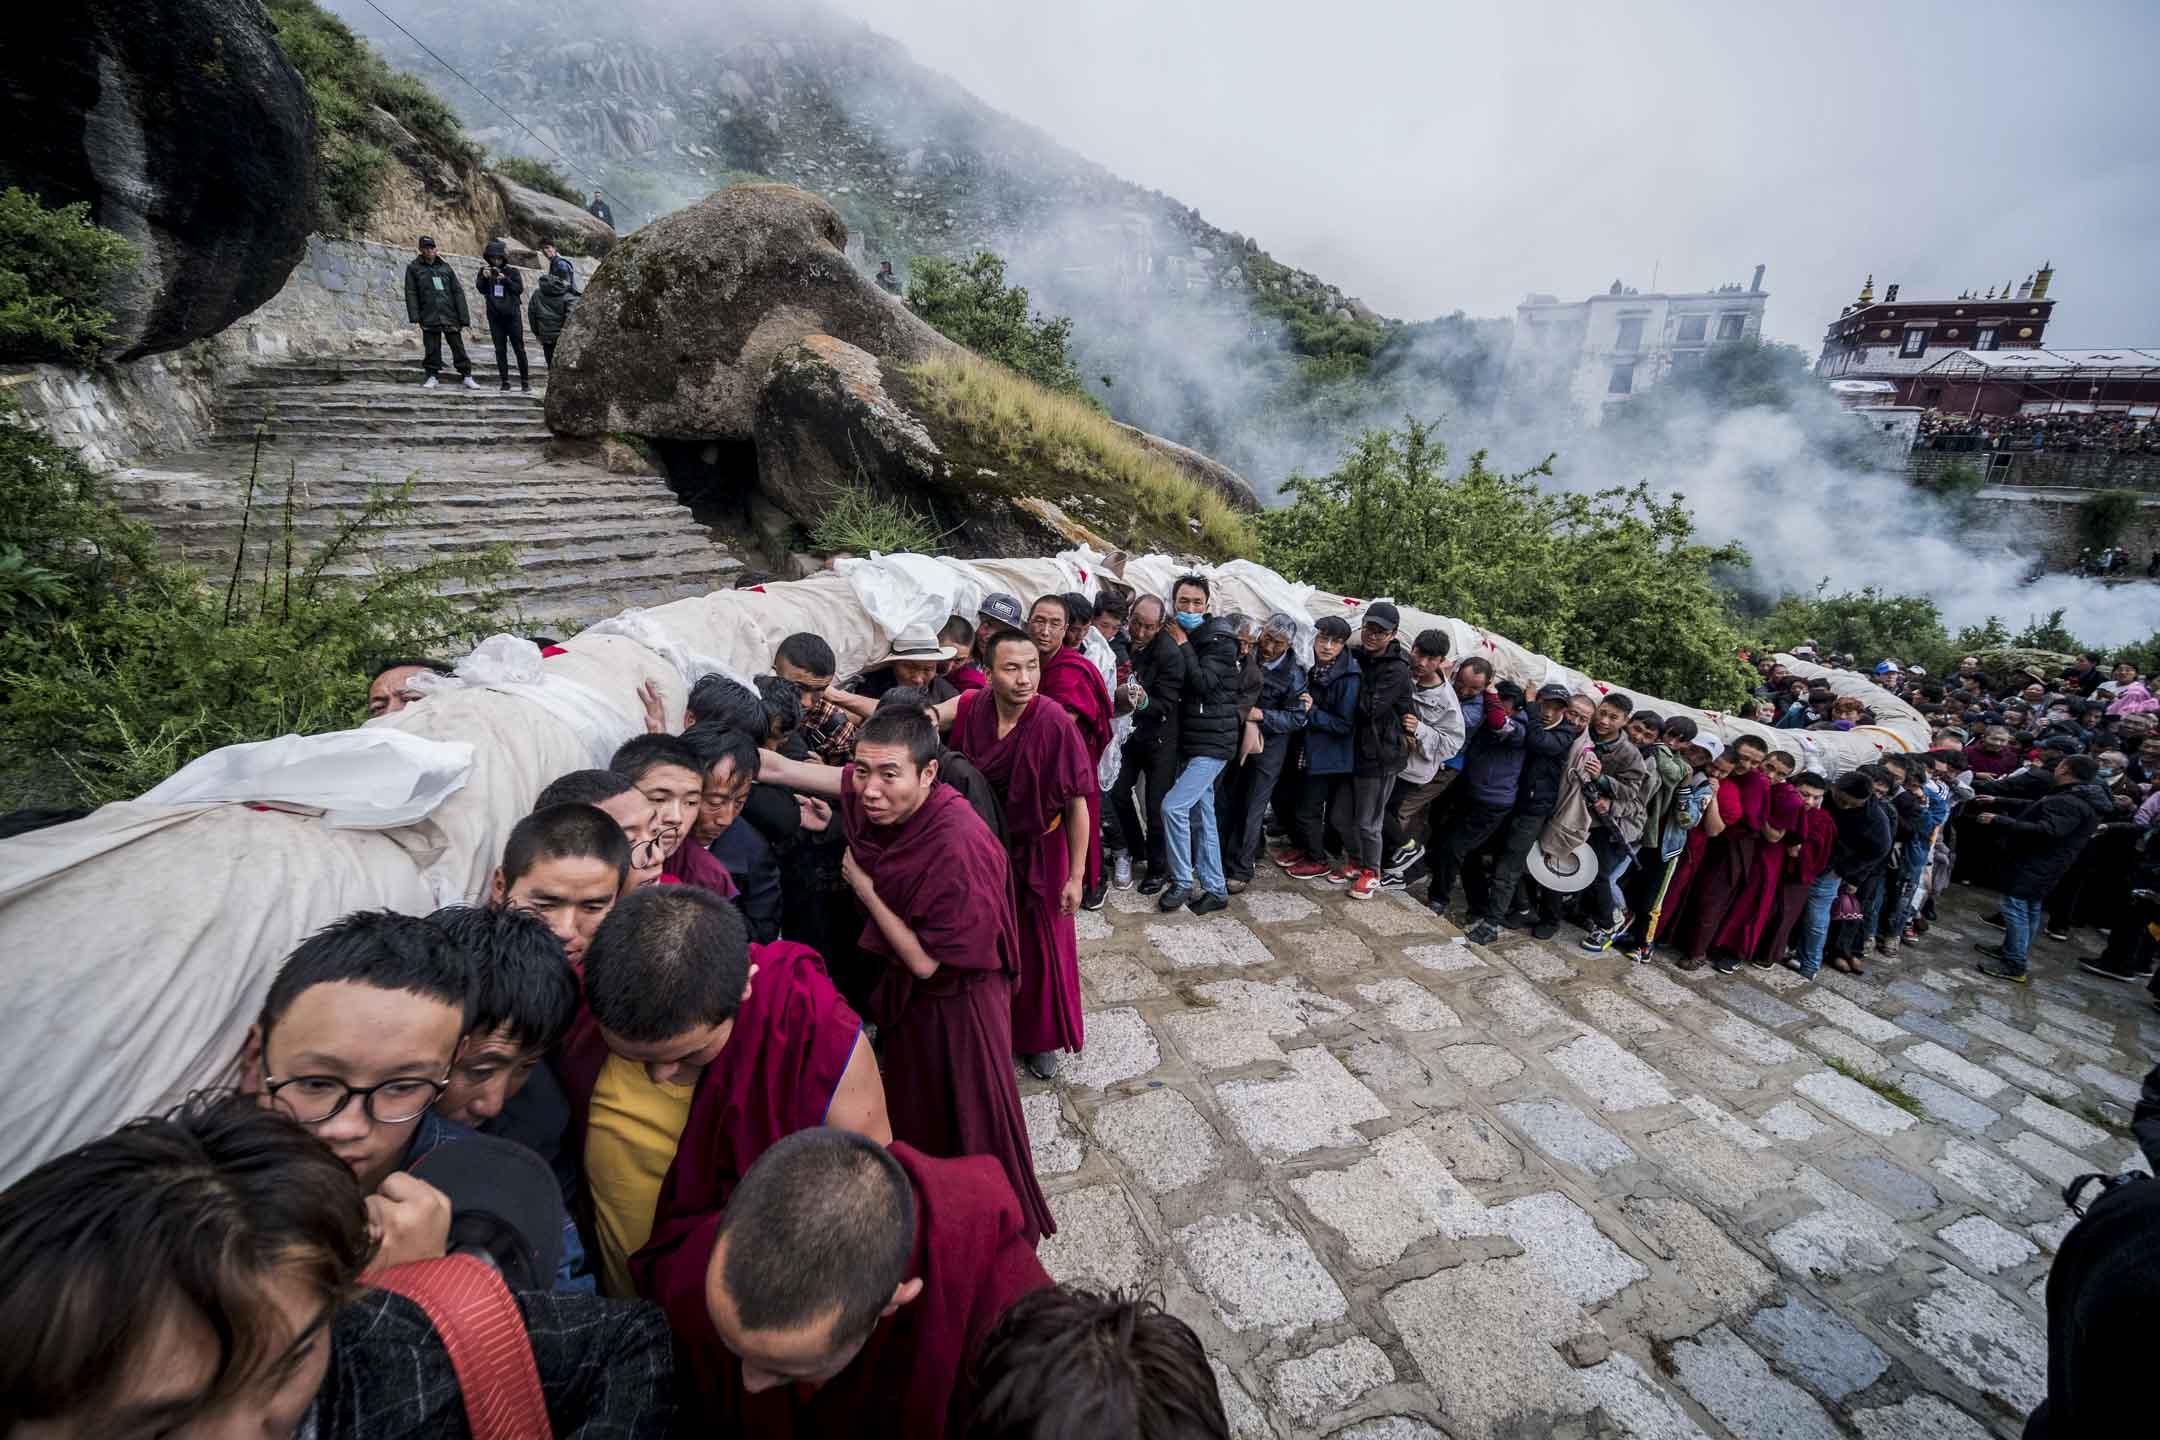 2018年8月11日,拉薩哲蚌寺舉行的雪頓節,吸引了來自世界各地的數十萬朝聖者和信徒。 攝:He Penglei/China News Service/VCG